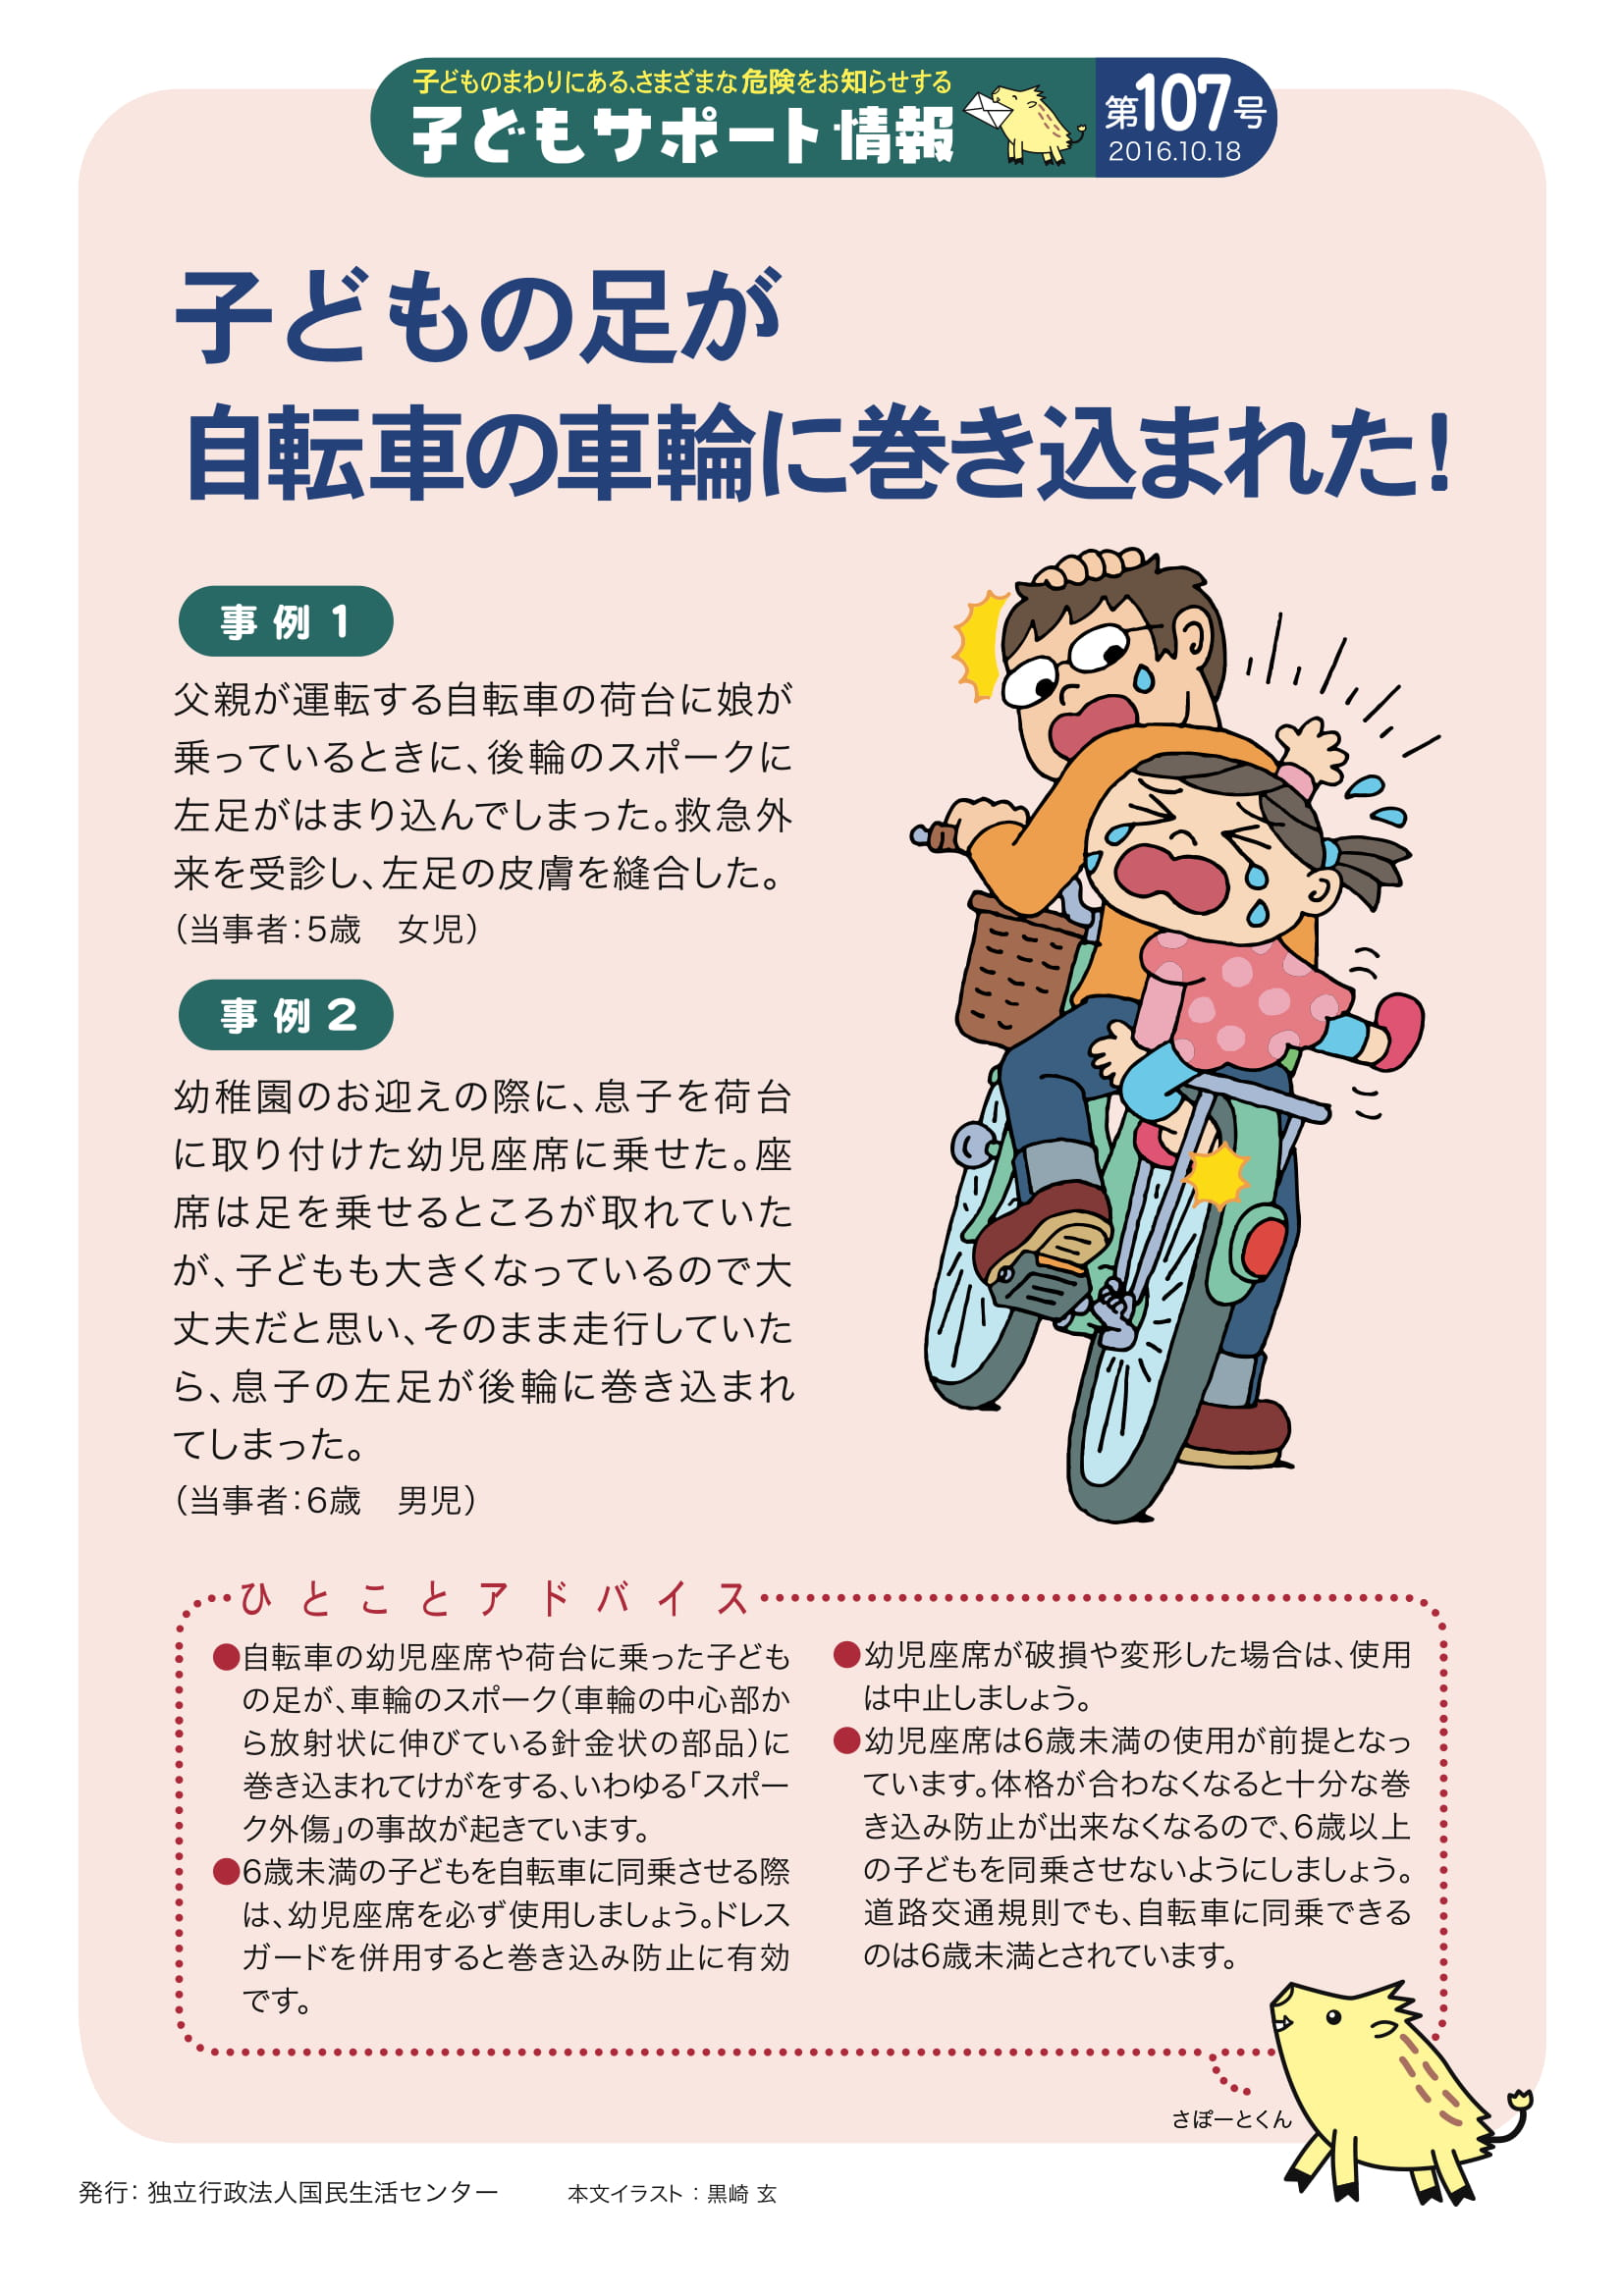 《子どもサポート情報》自転車の幼児座席と年齢